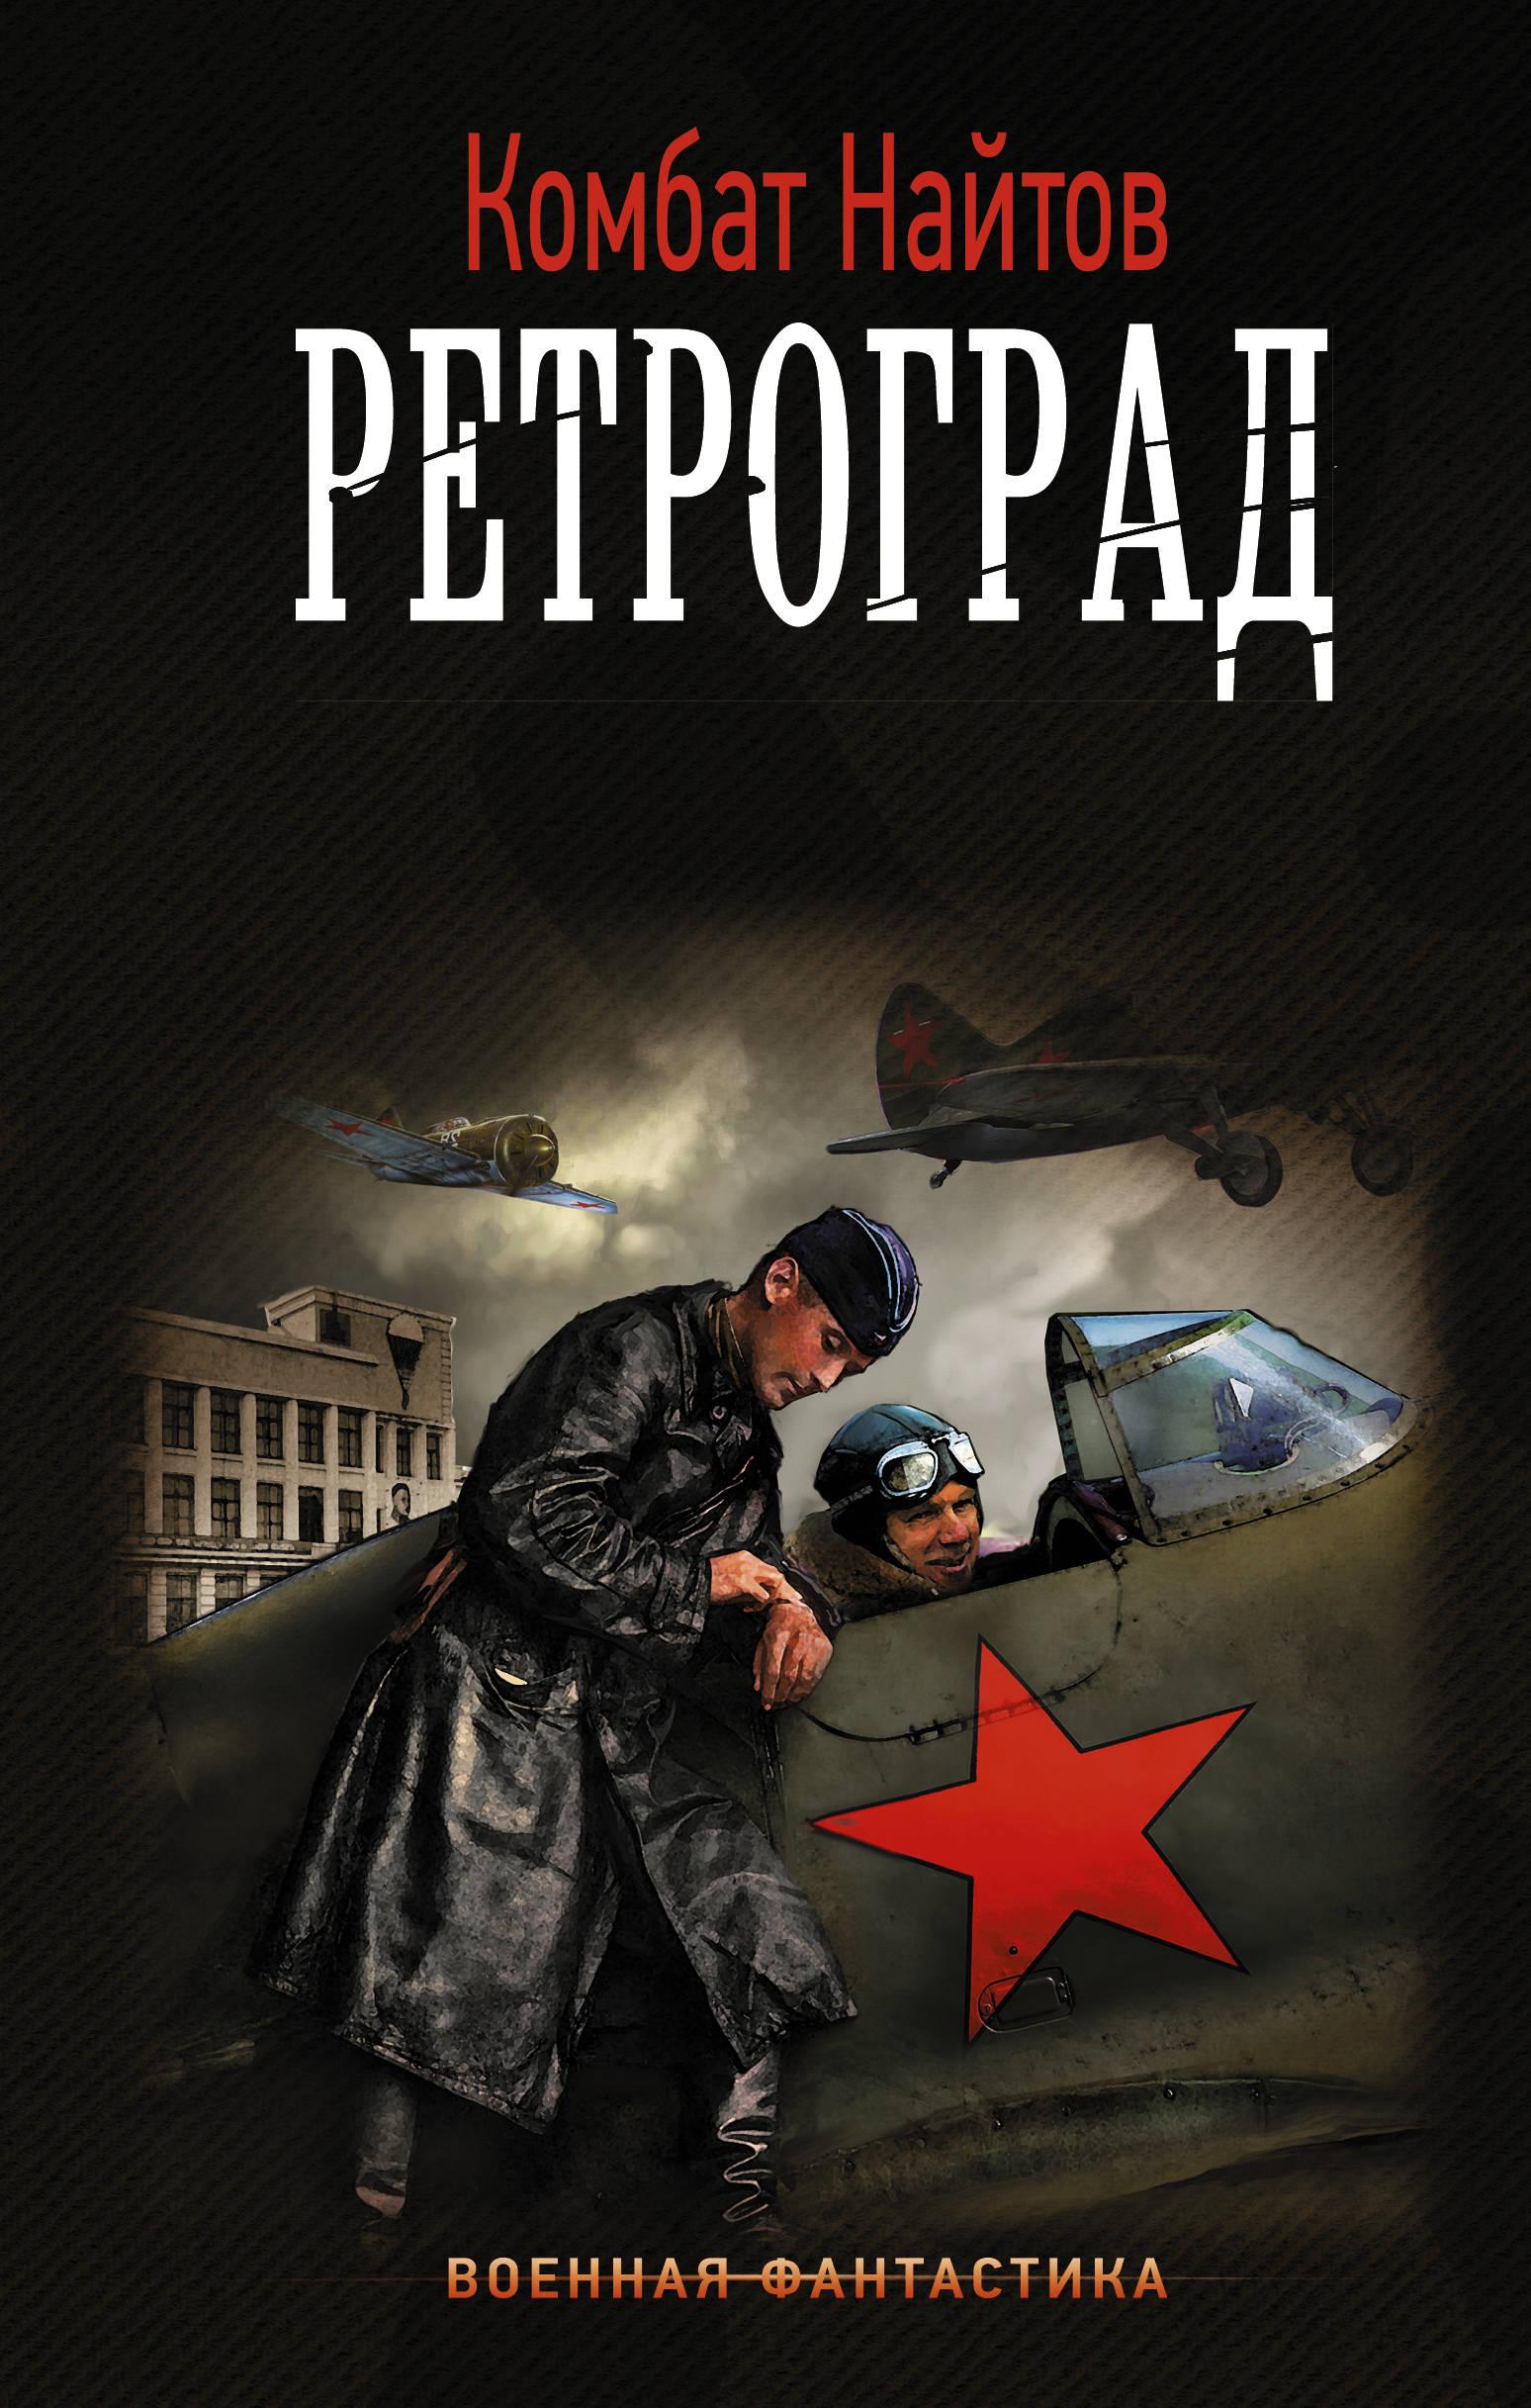 Ретроград: Роман